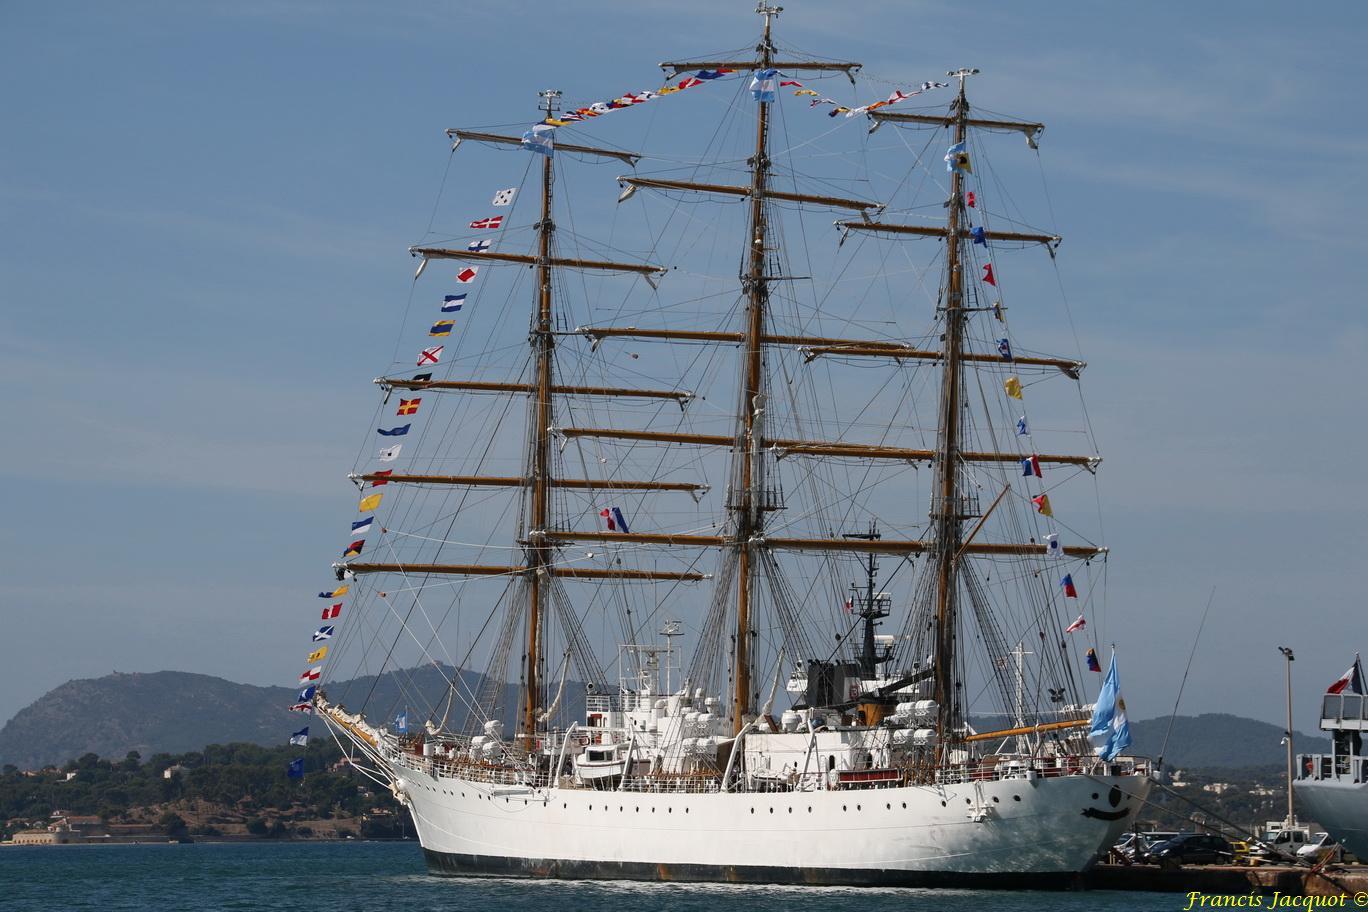 [ Marine à voile ] Vieux gréements - Page 3 2964085501